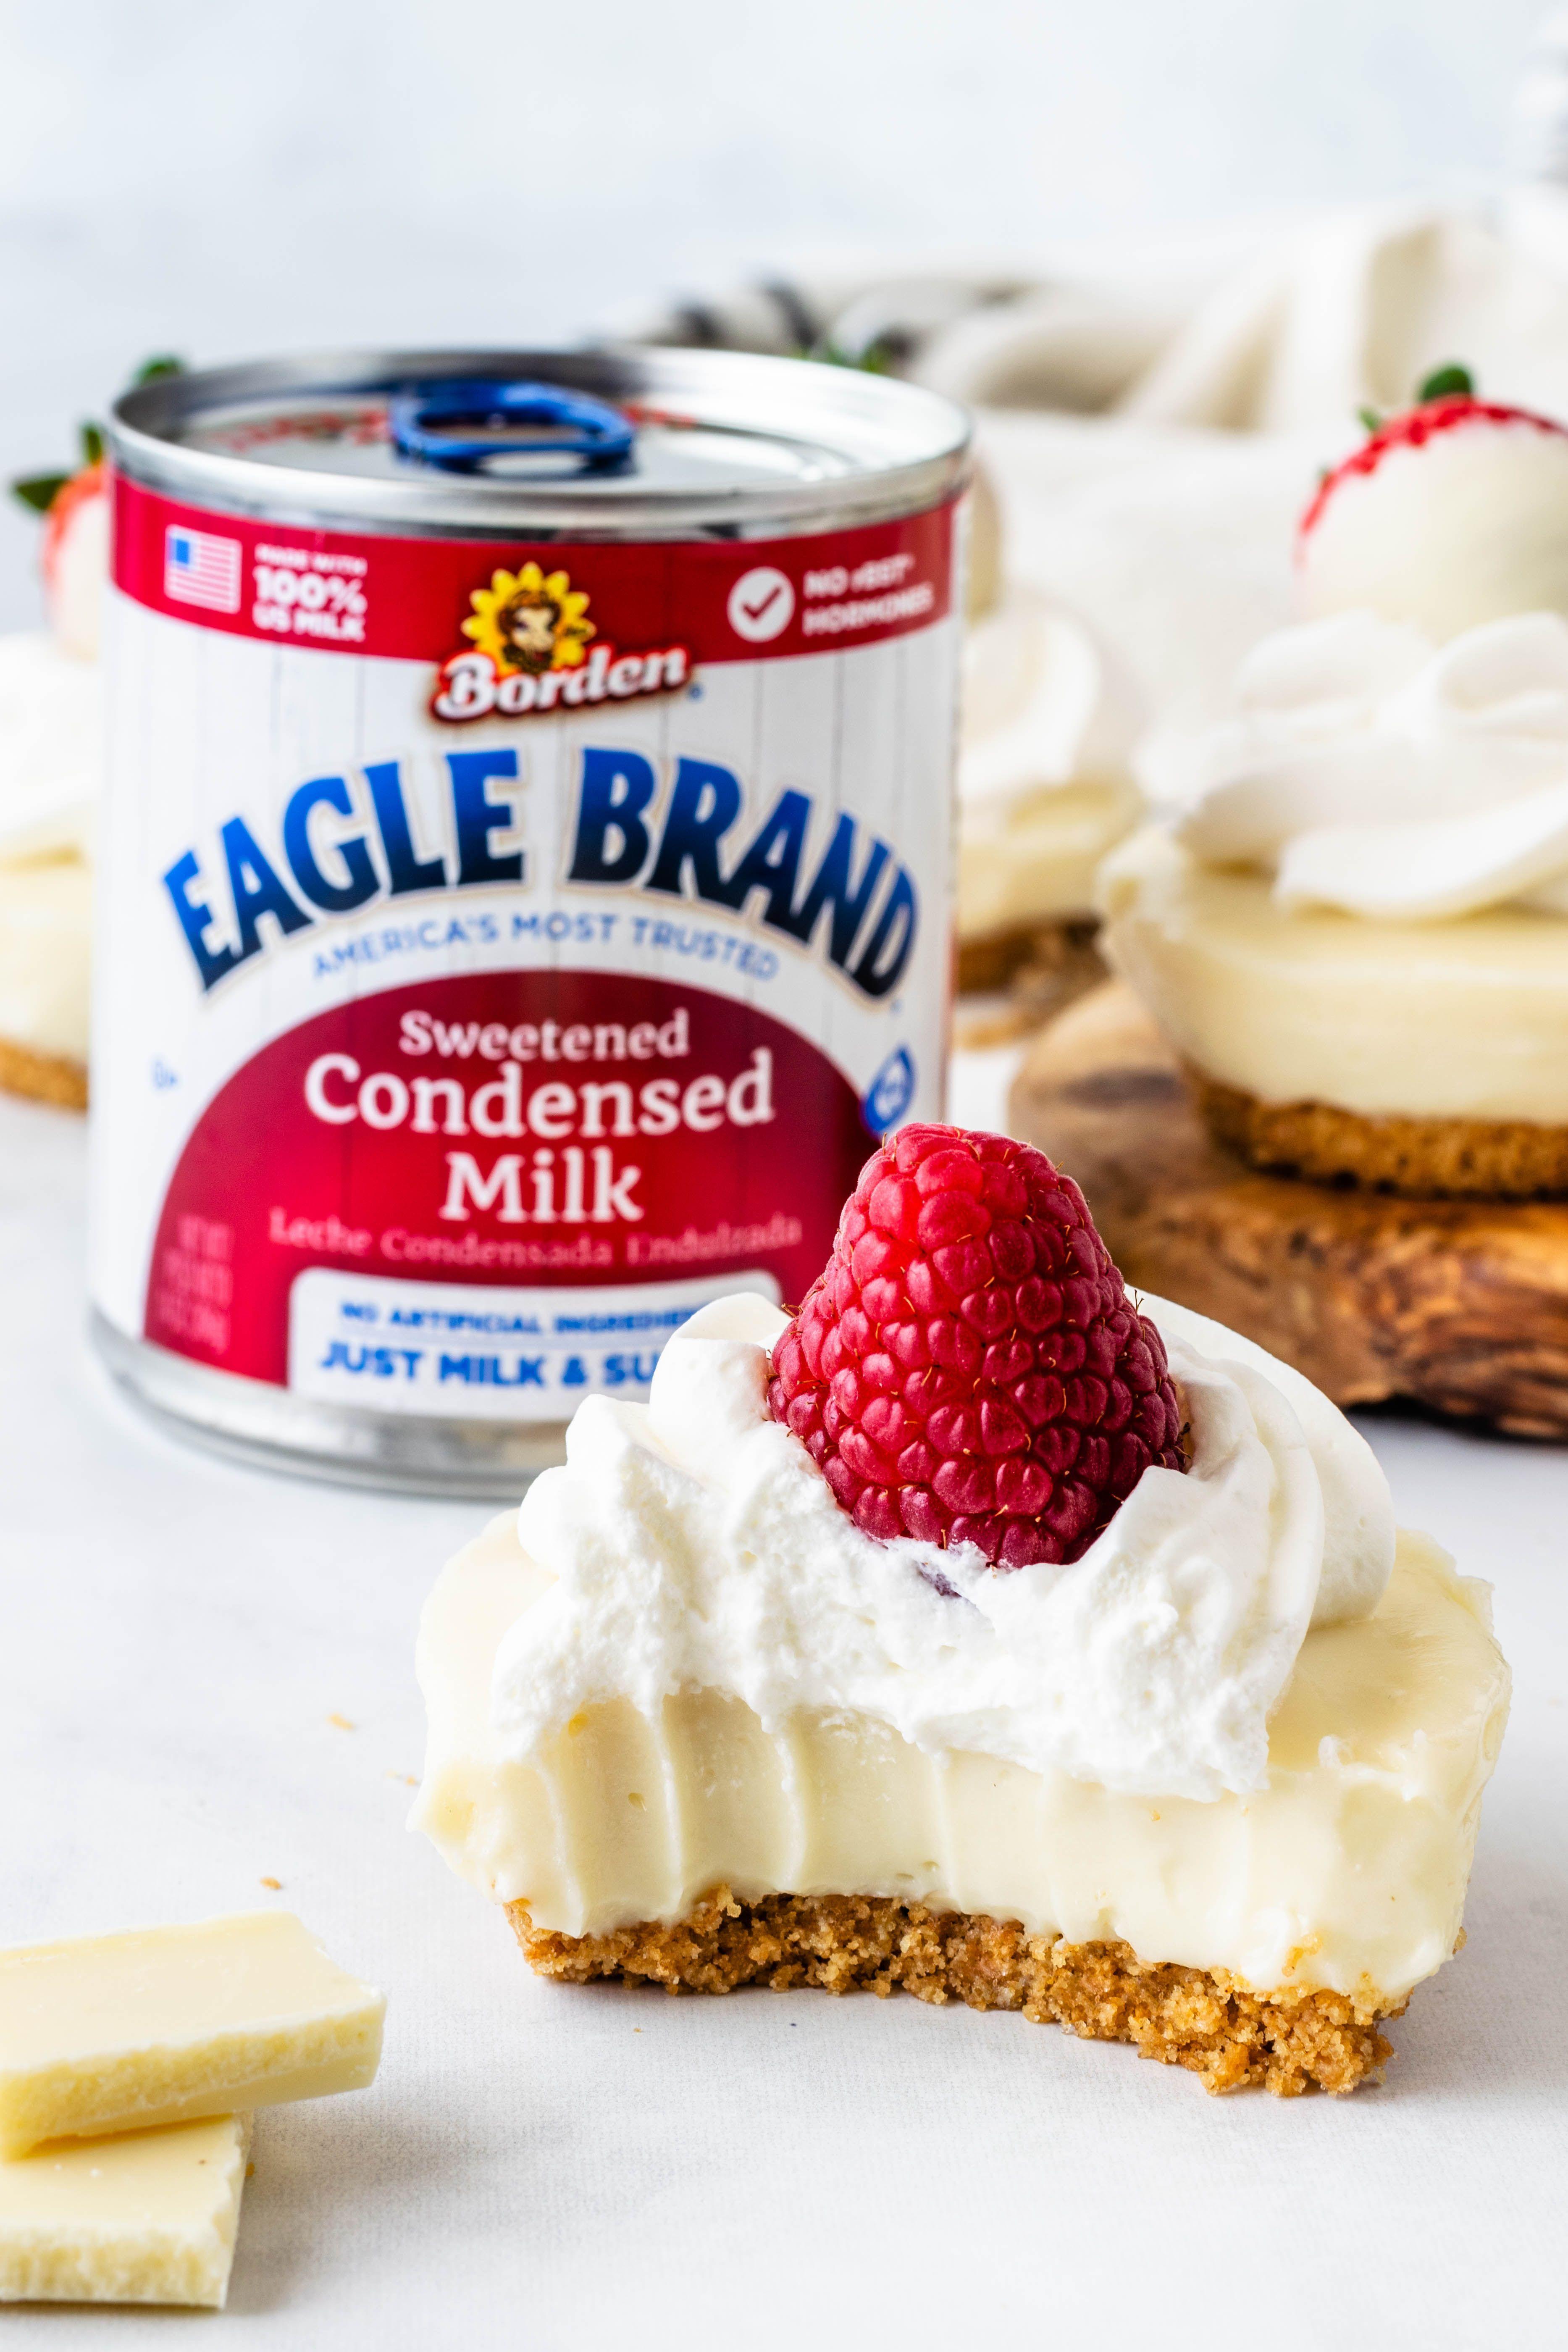 No Bake White Chocolate Cheesecake Recipe In 2020 Condensed Milk Cheesecake Recipes Condensed Milk Recipes Desserts Eagle Brand Cheesecake Recipe